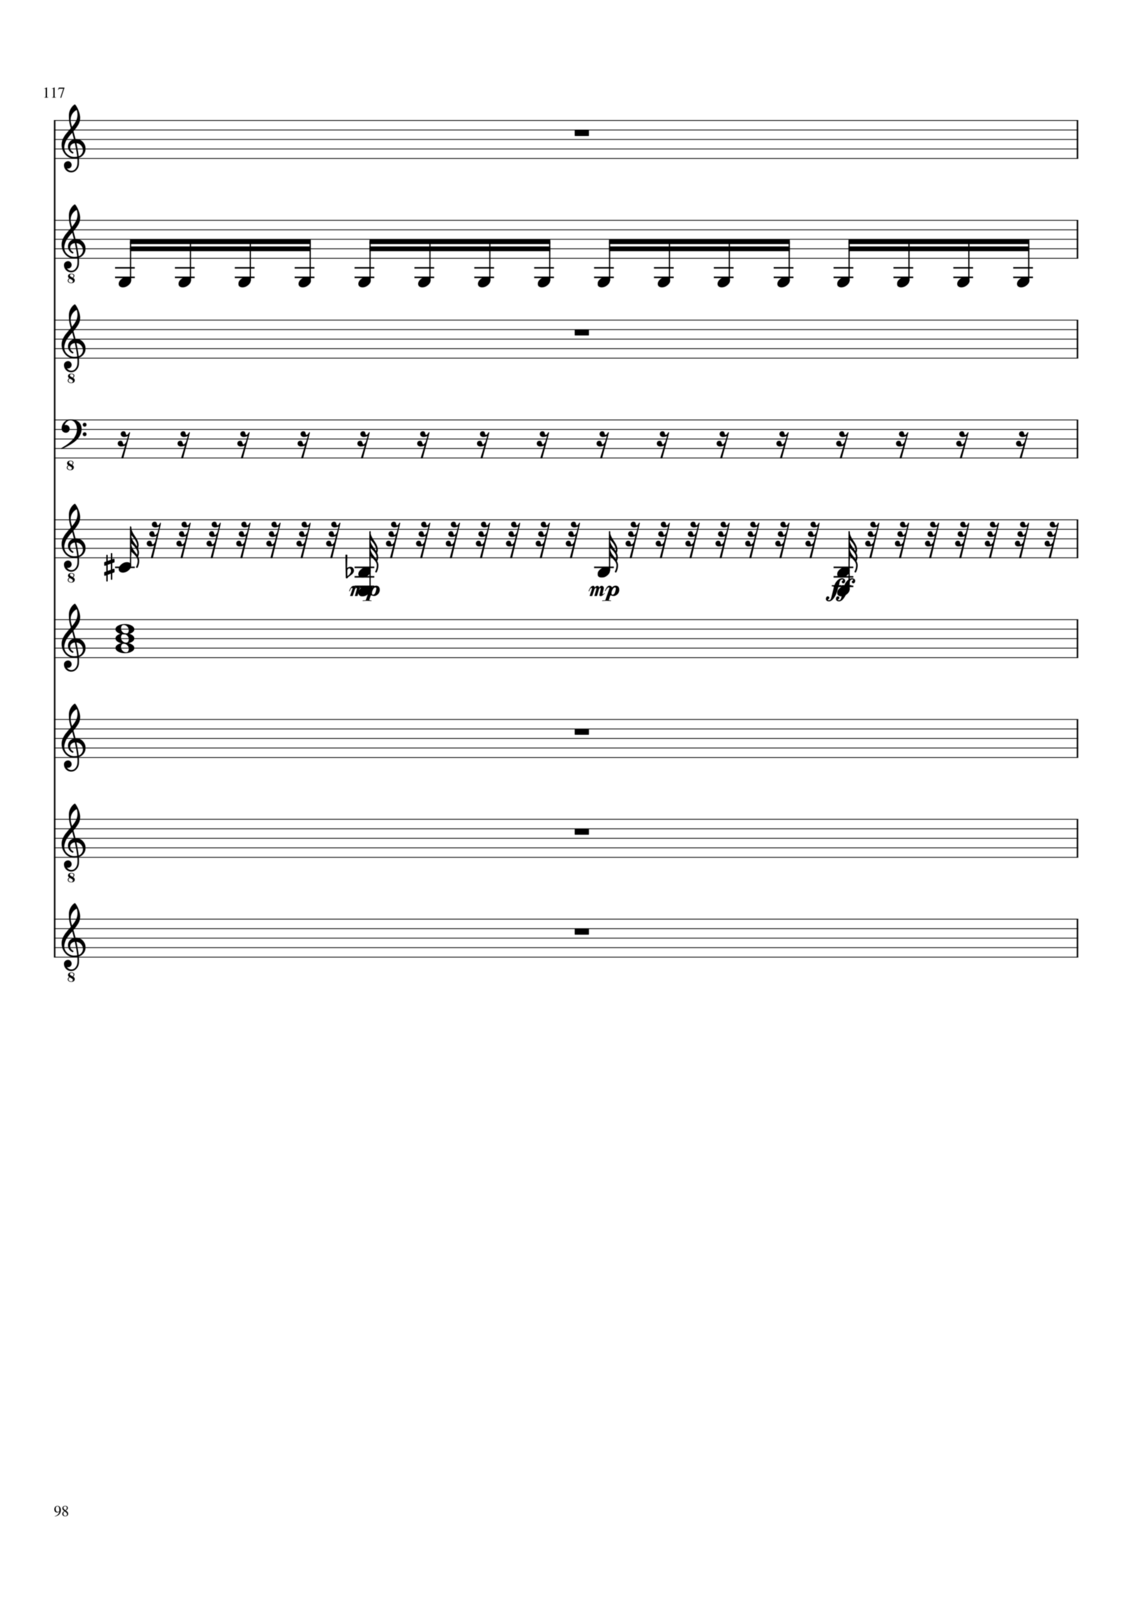 Zagadka volshebnoy stranyi slide, Image 98